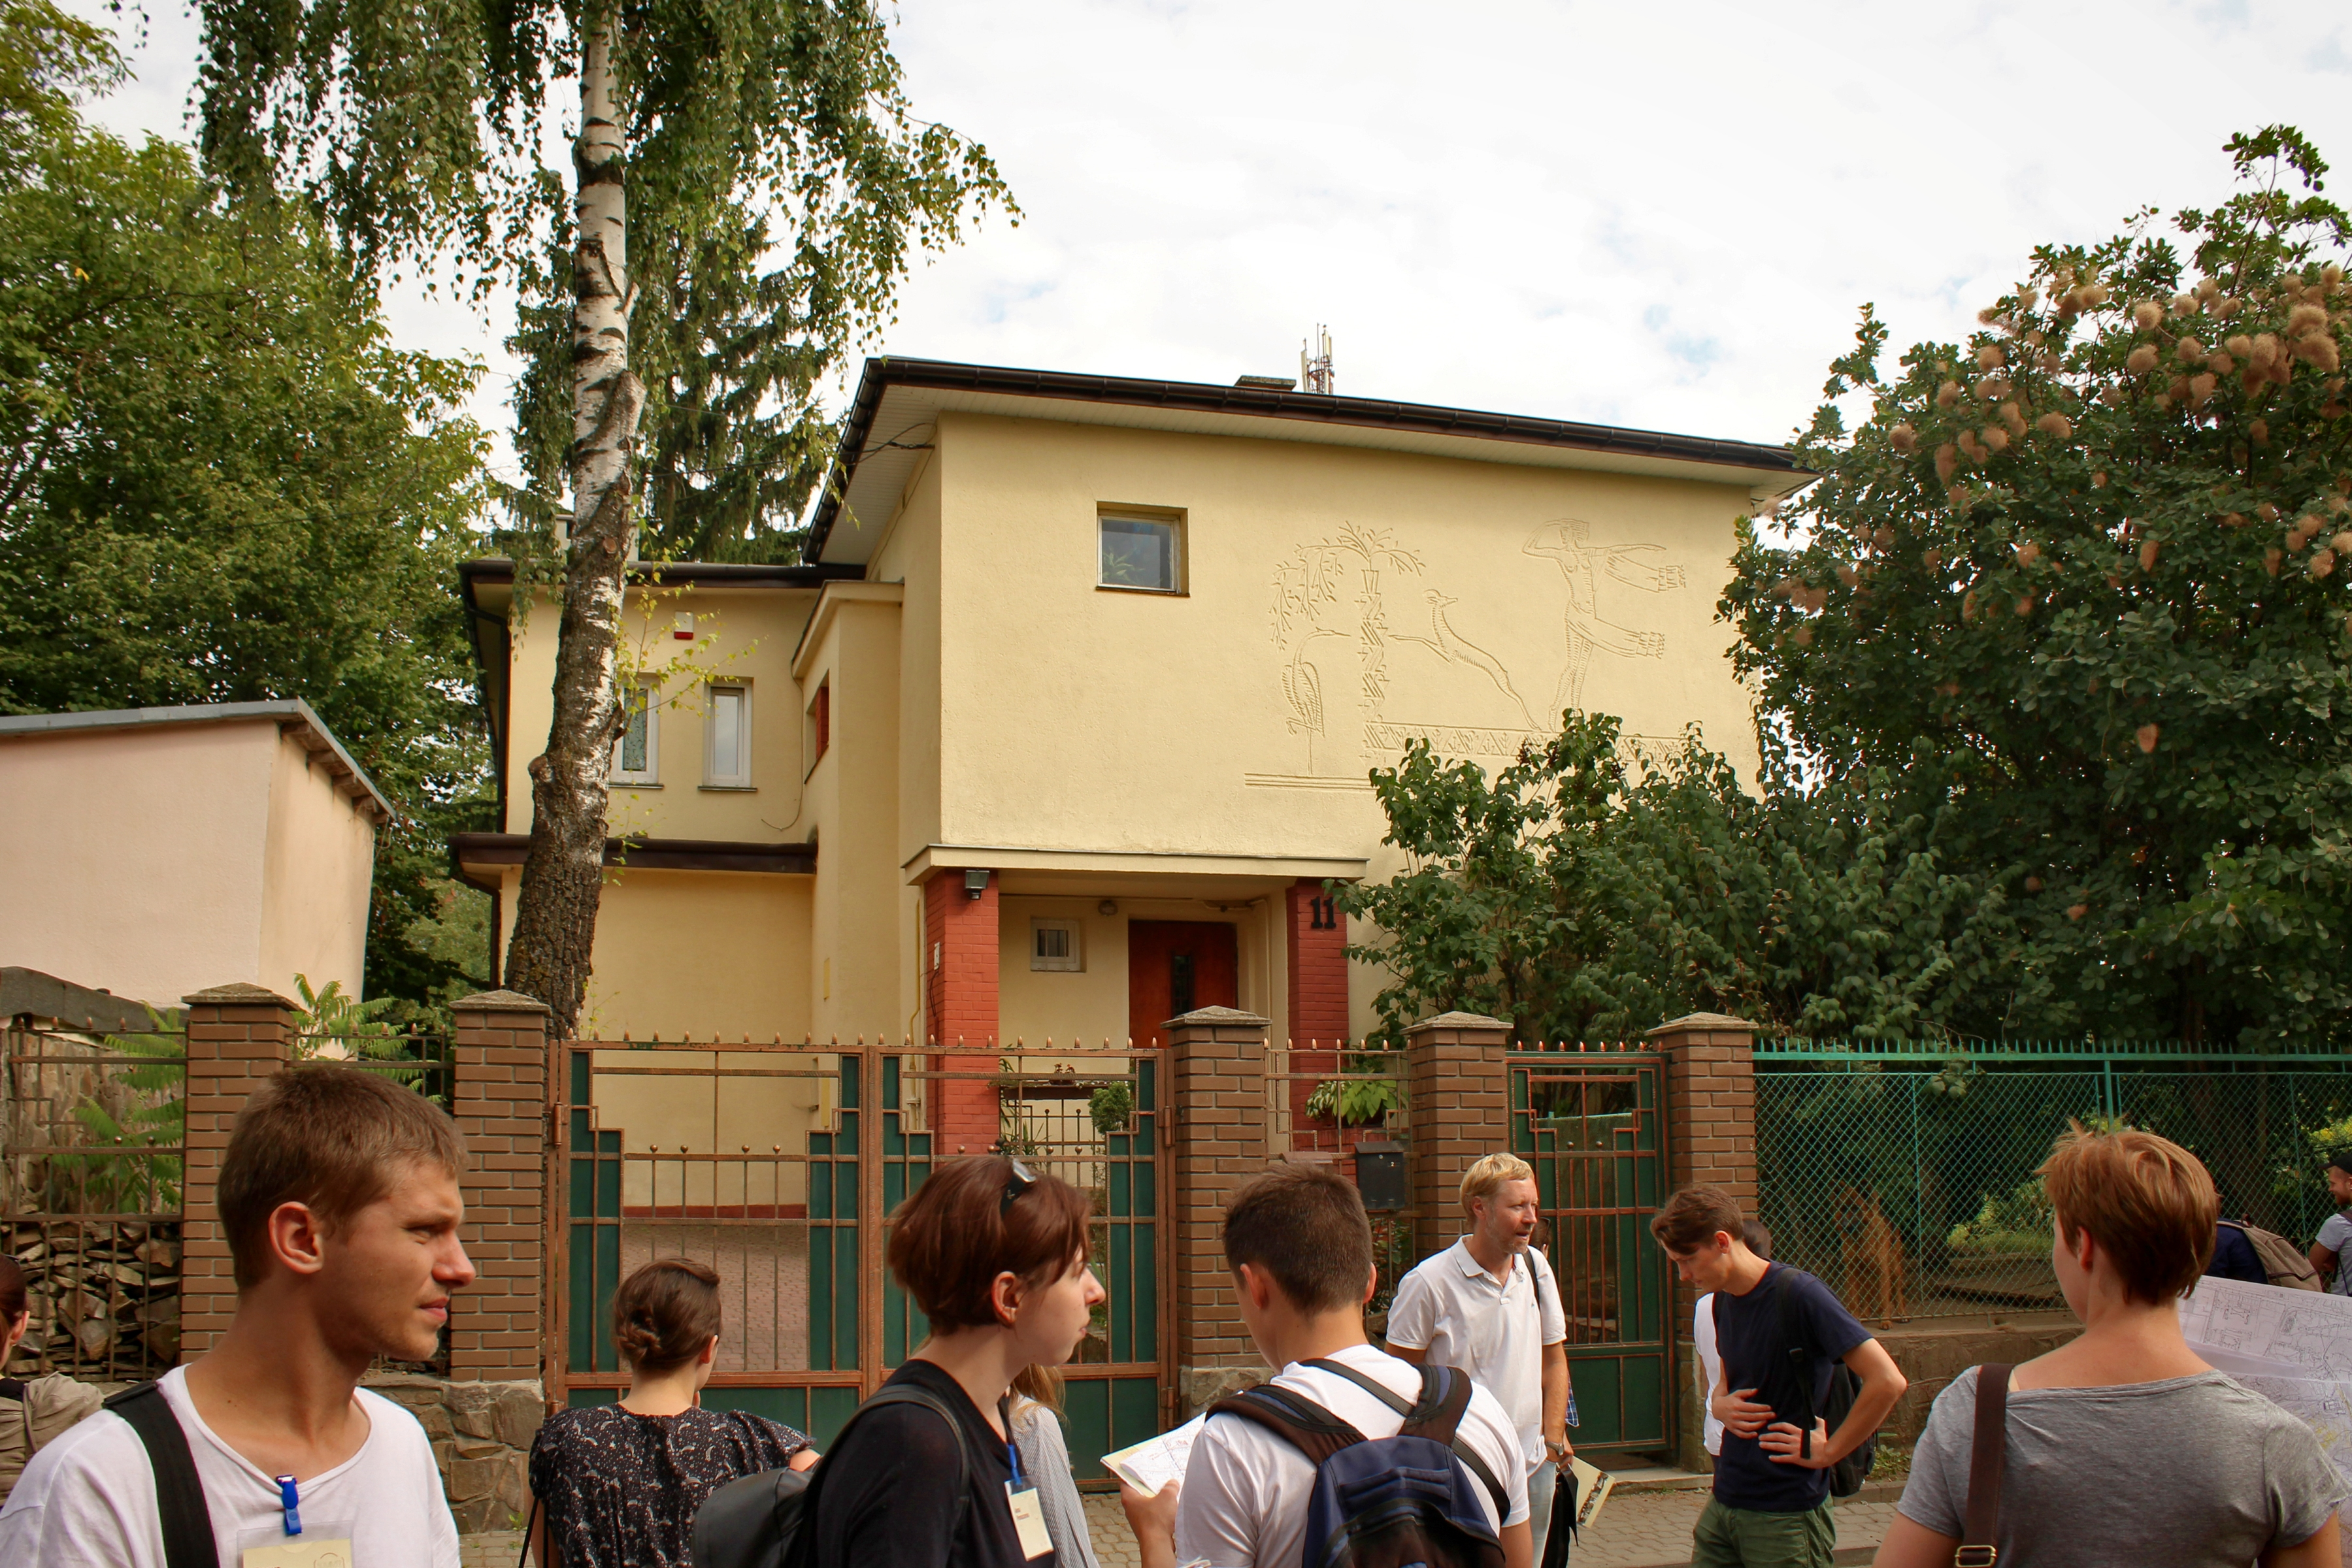 Міська прогулянка архітектурою модернізму міжвоєнного Львова